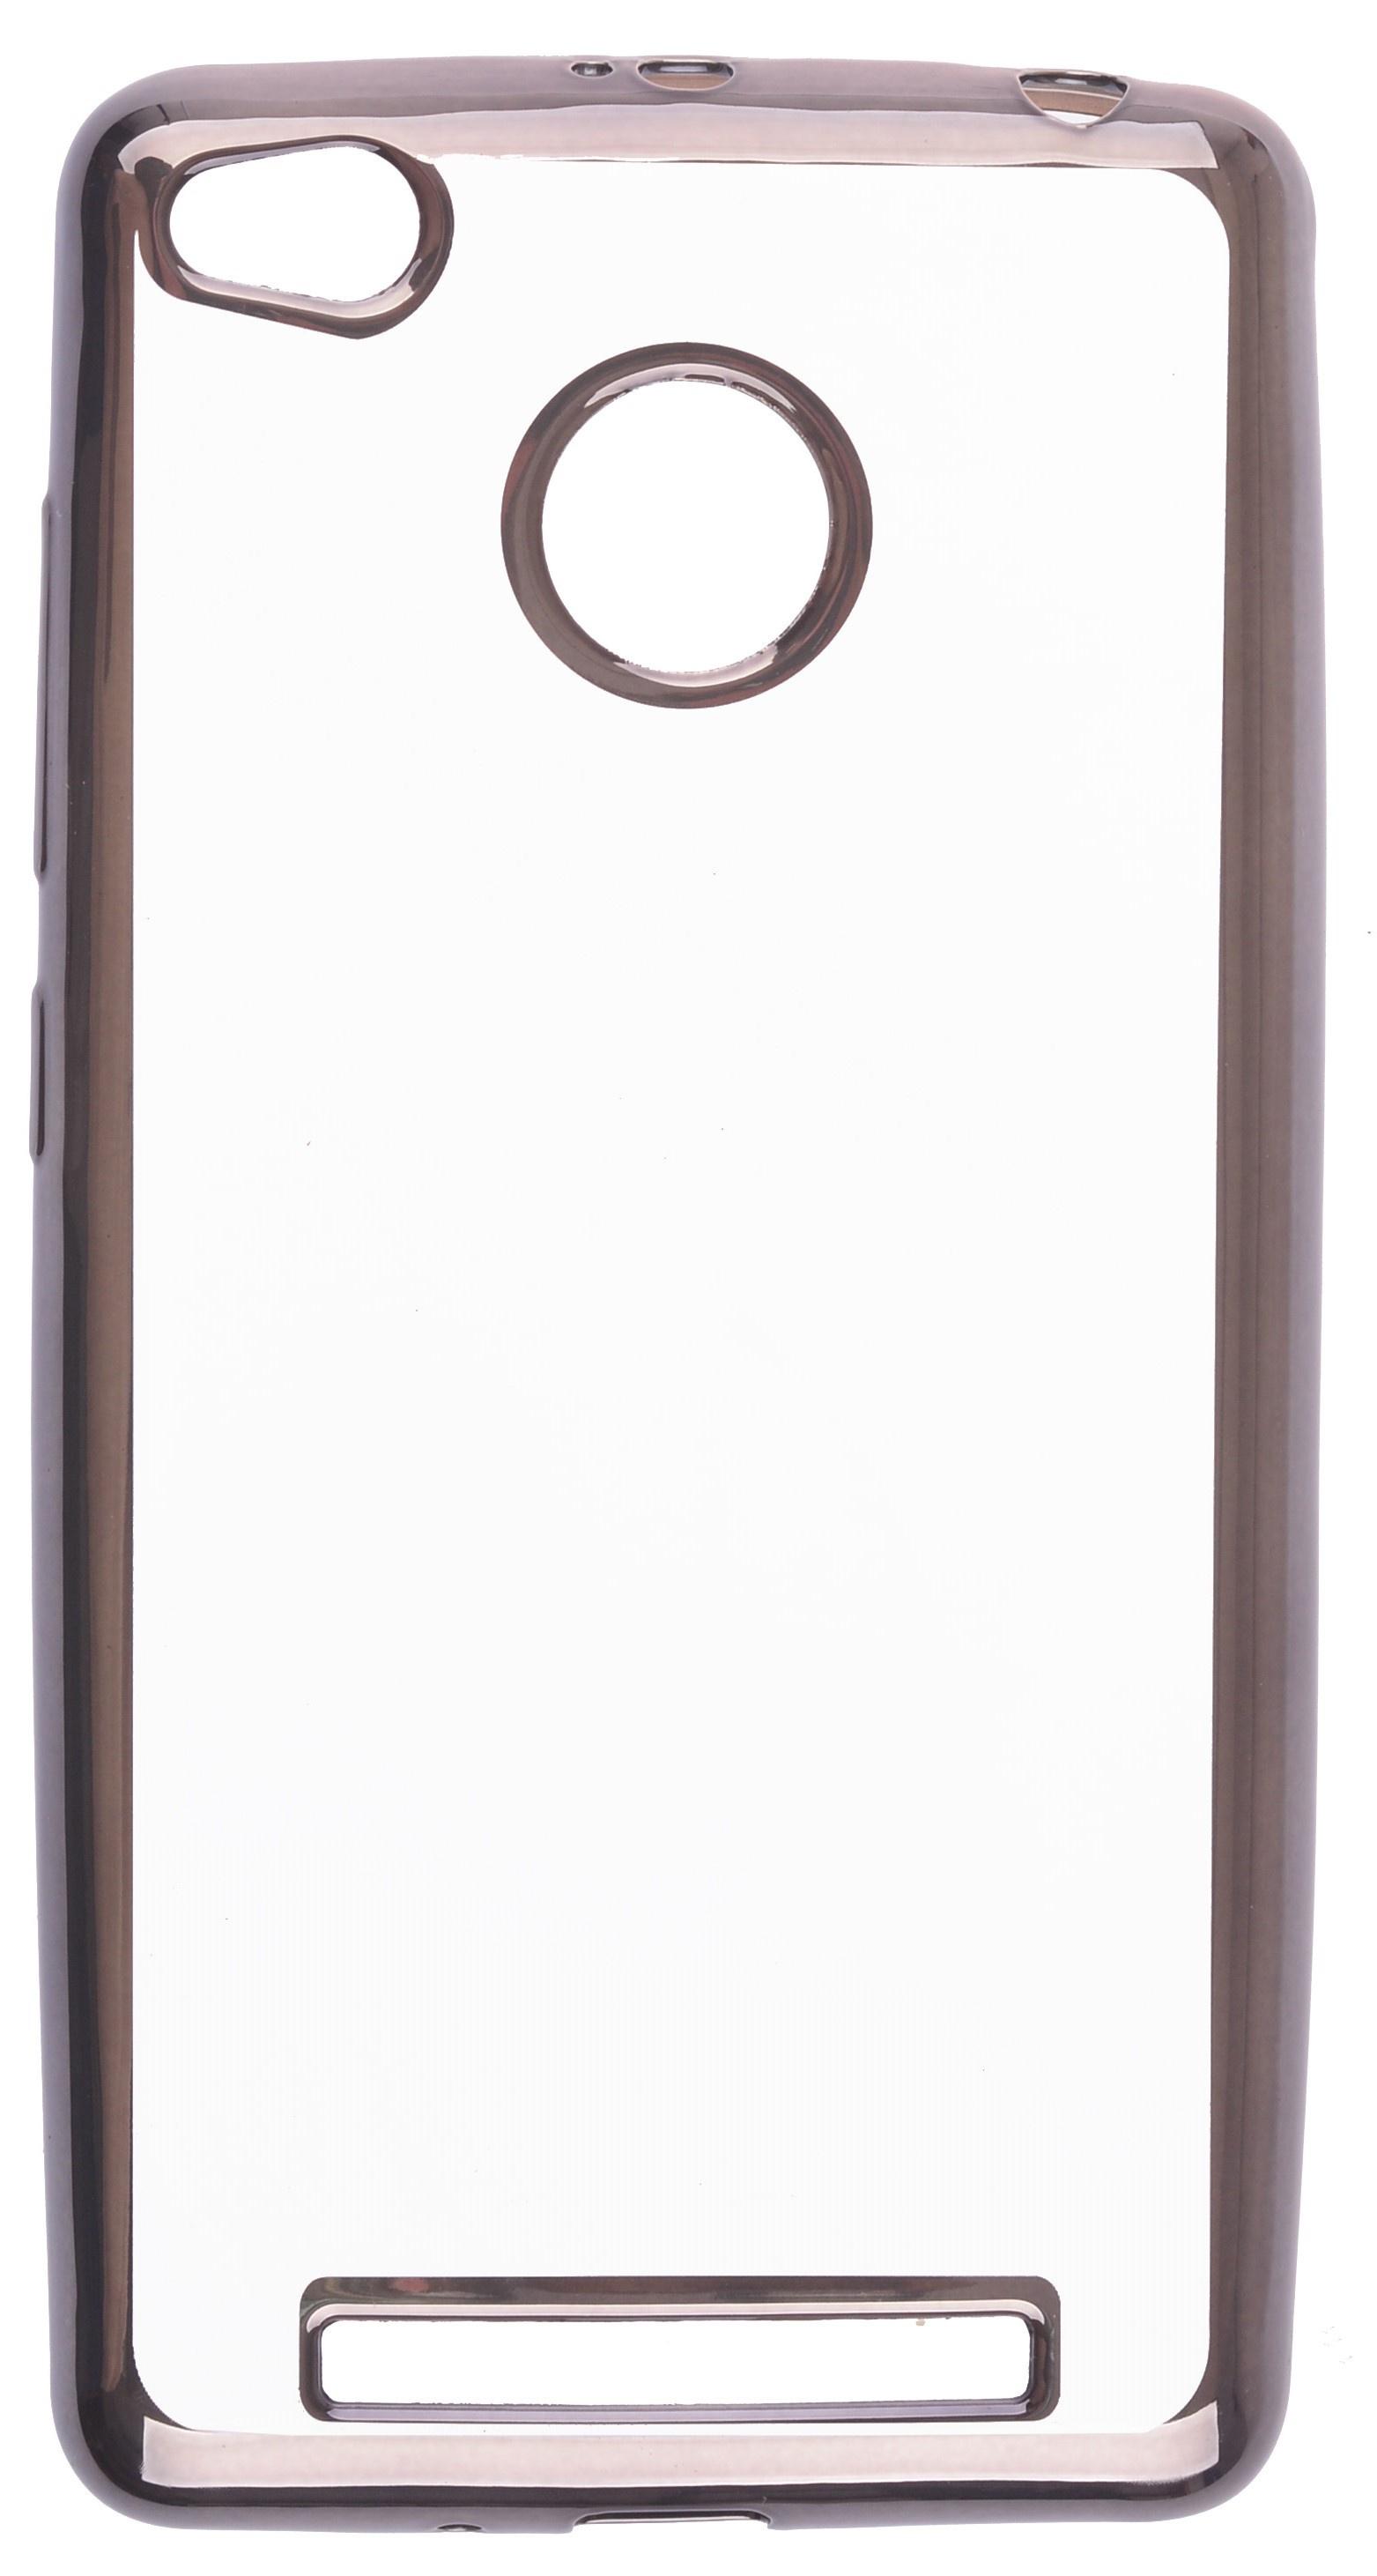 все цены на Чехол для сотового телефона skinBOX Silicone chrome border, 4630042528666 онлайн